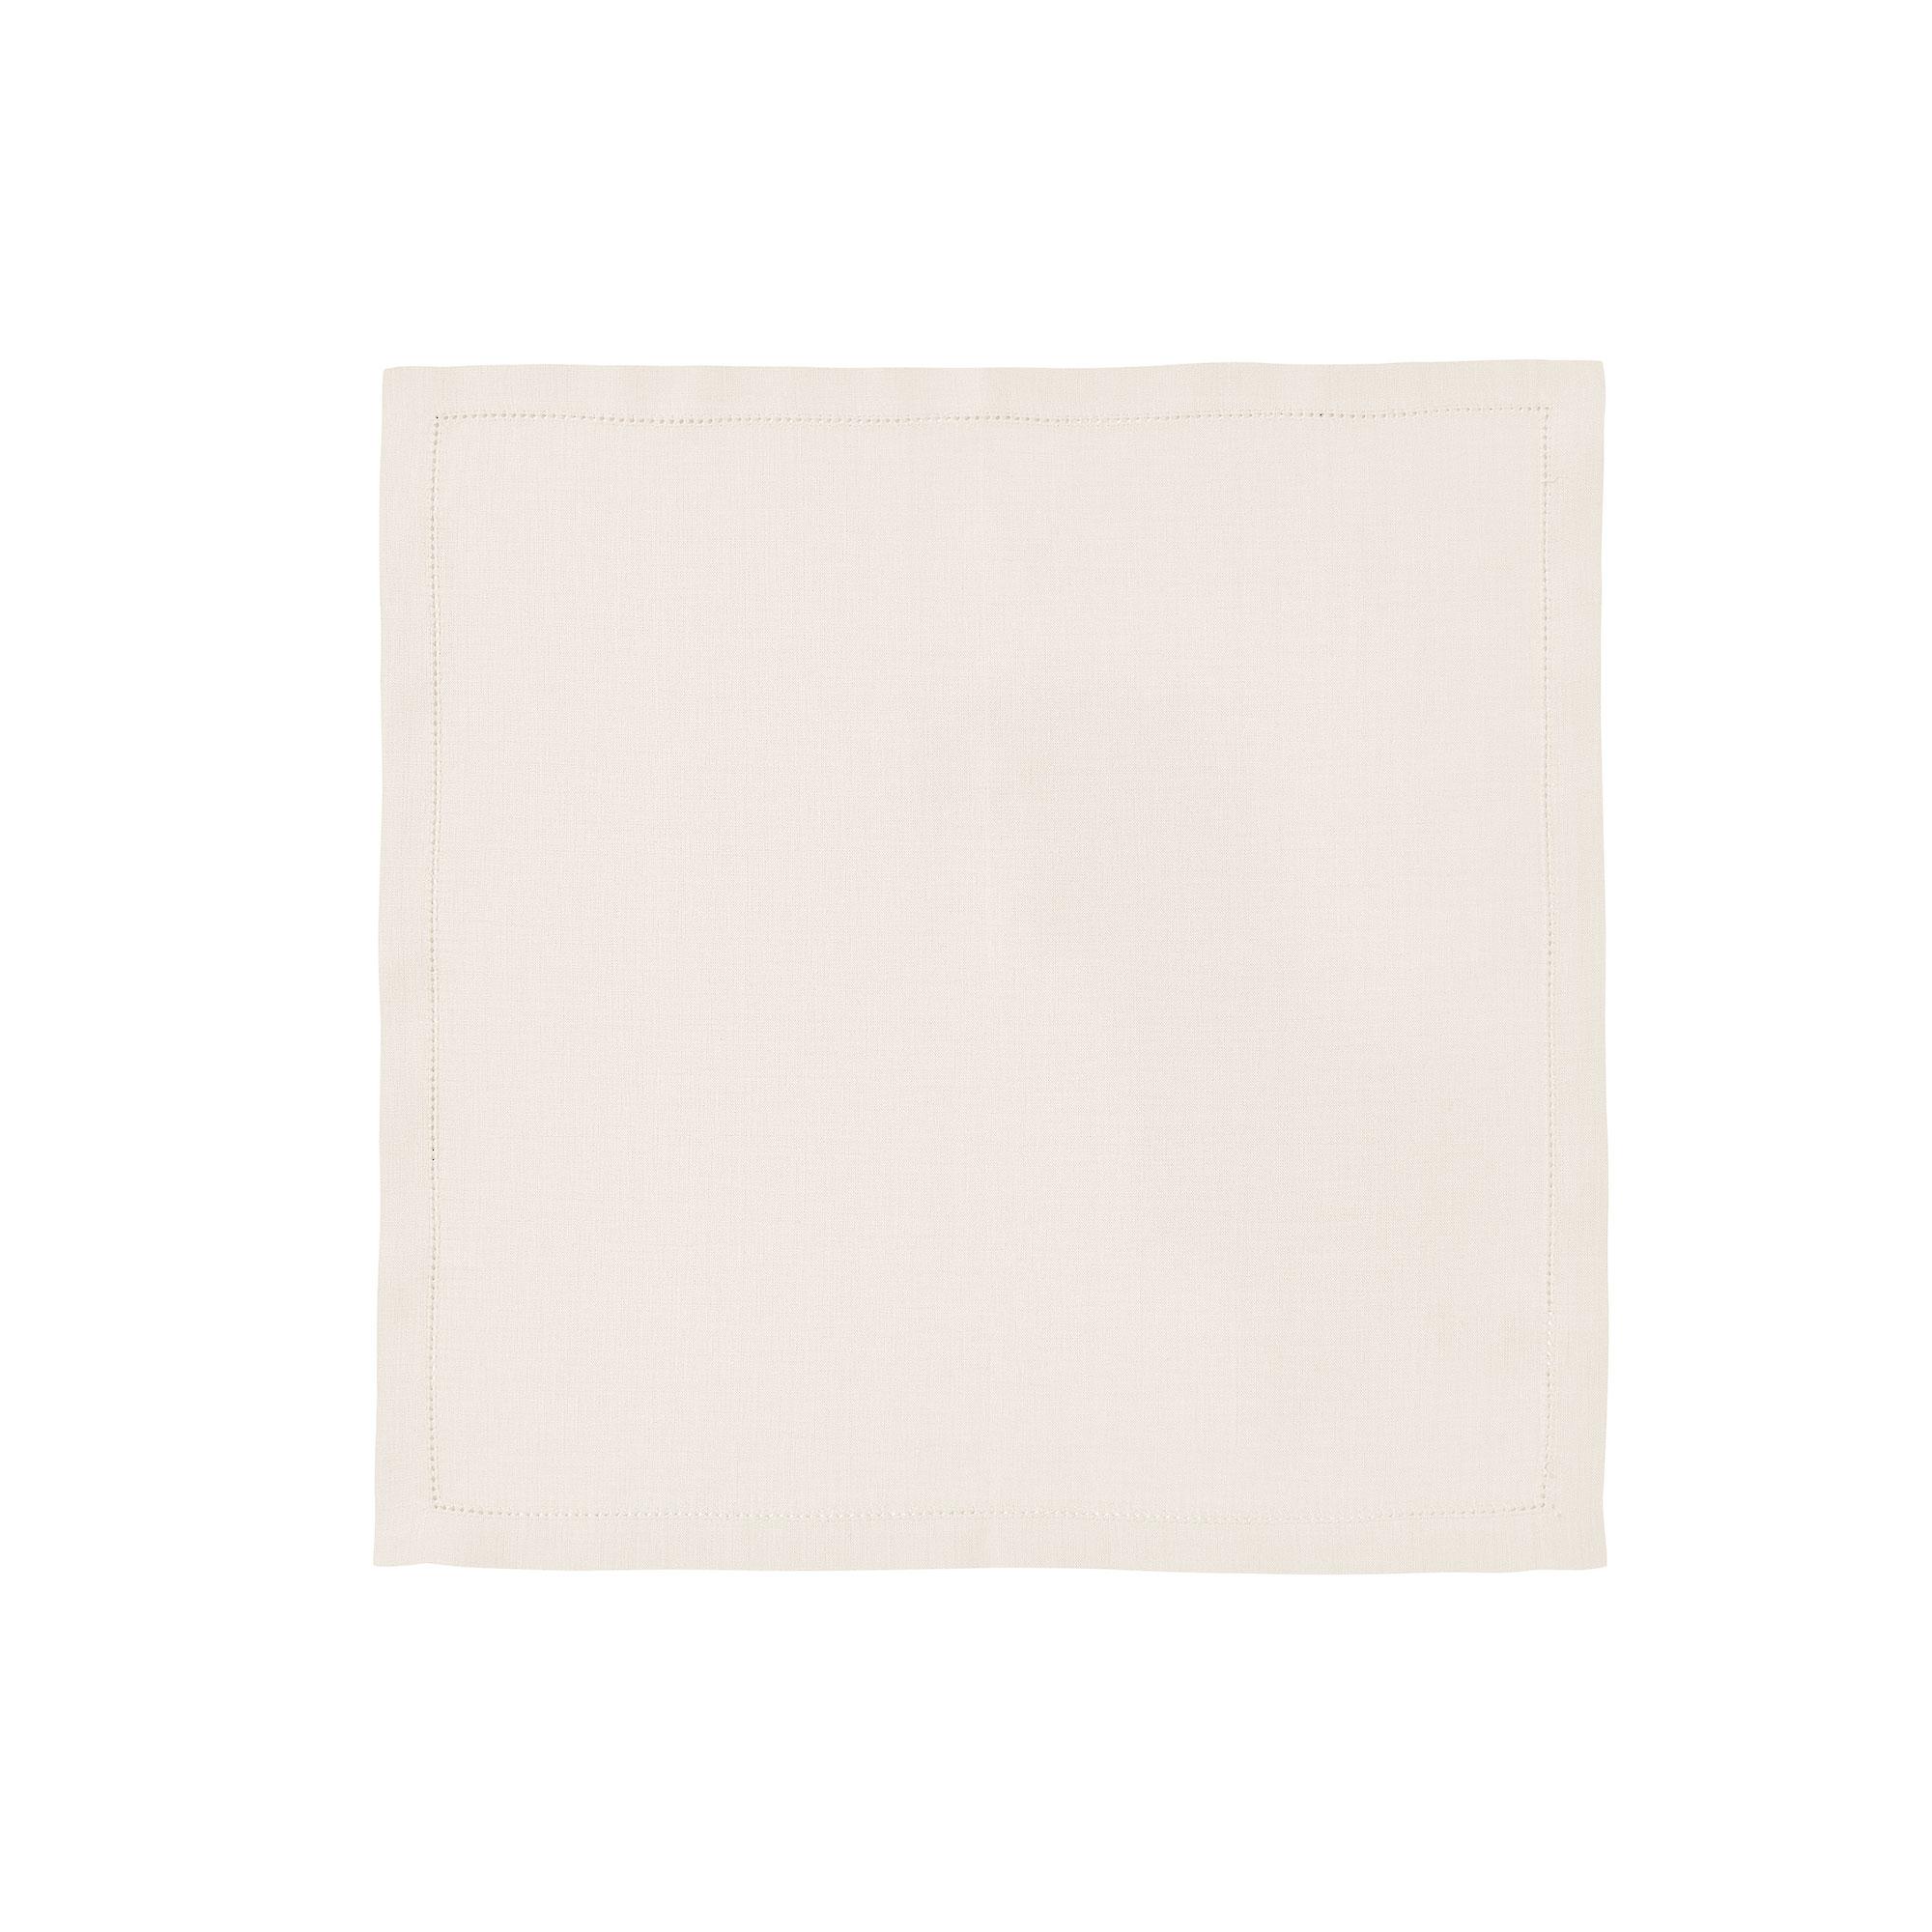 Serviette de table en lin blanc 50x50